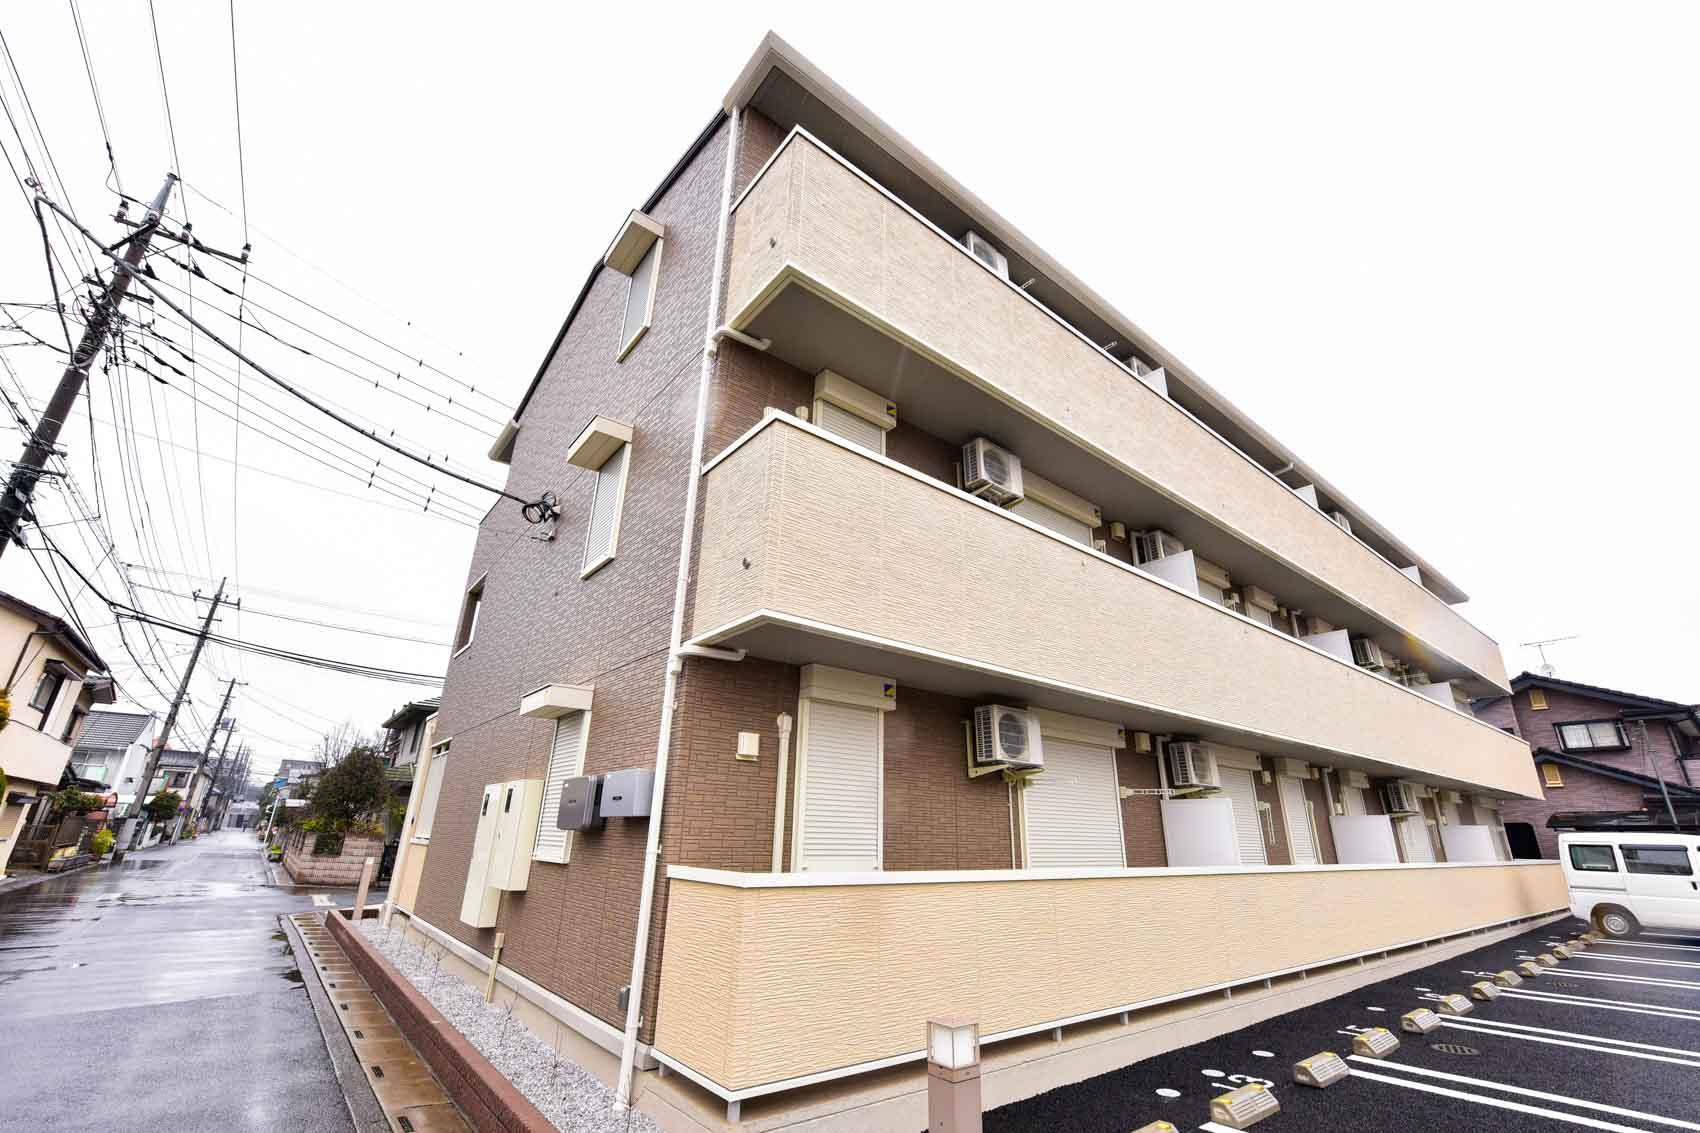 埼玉県川越市、上福岡駅徒歩15分の築3年 3階建の賃貸アパート